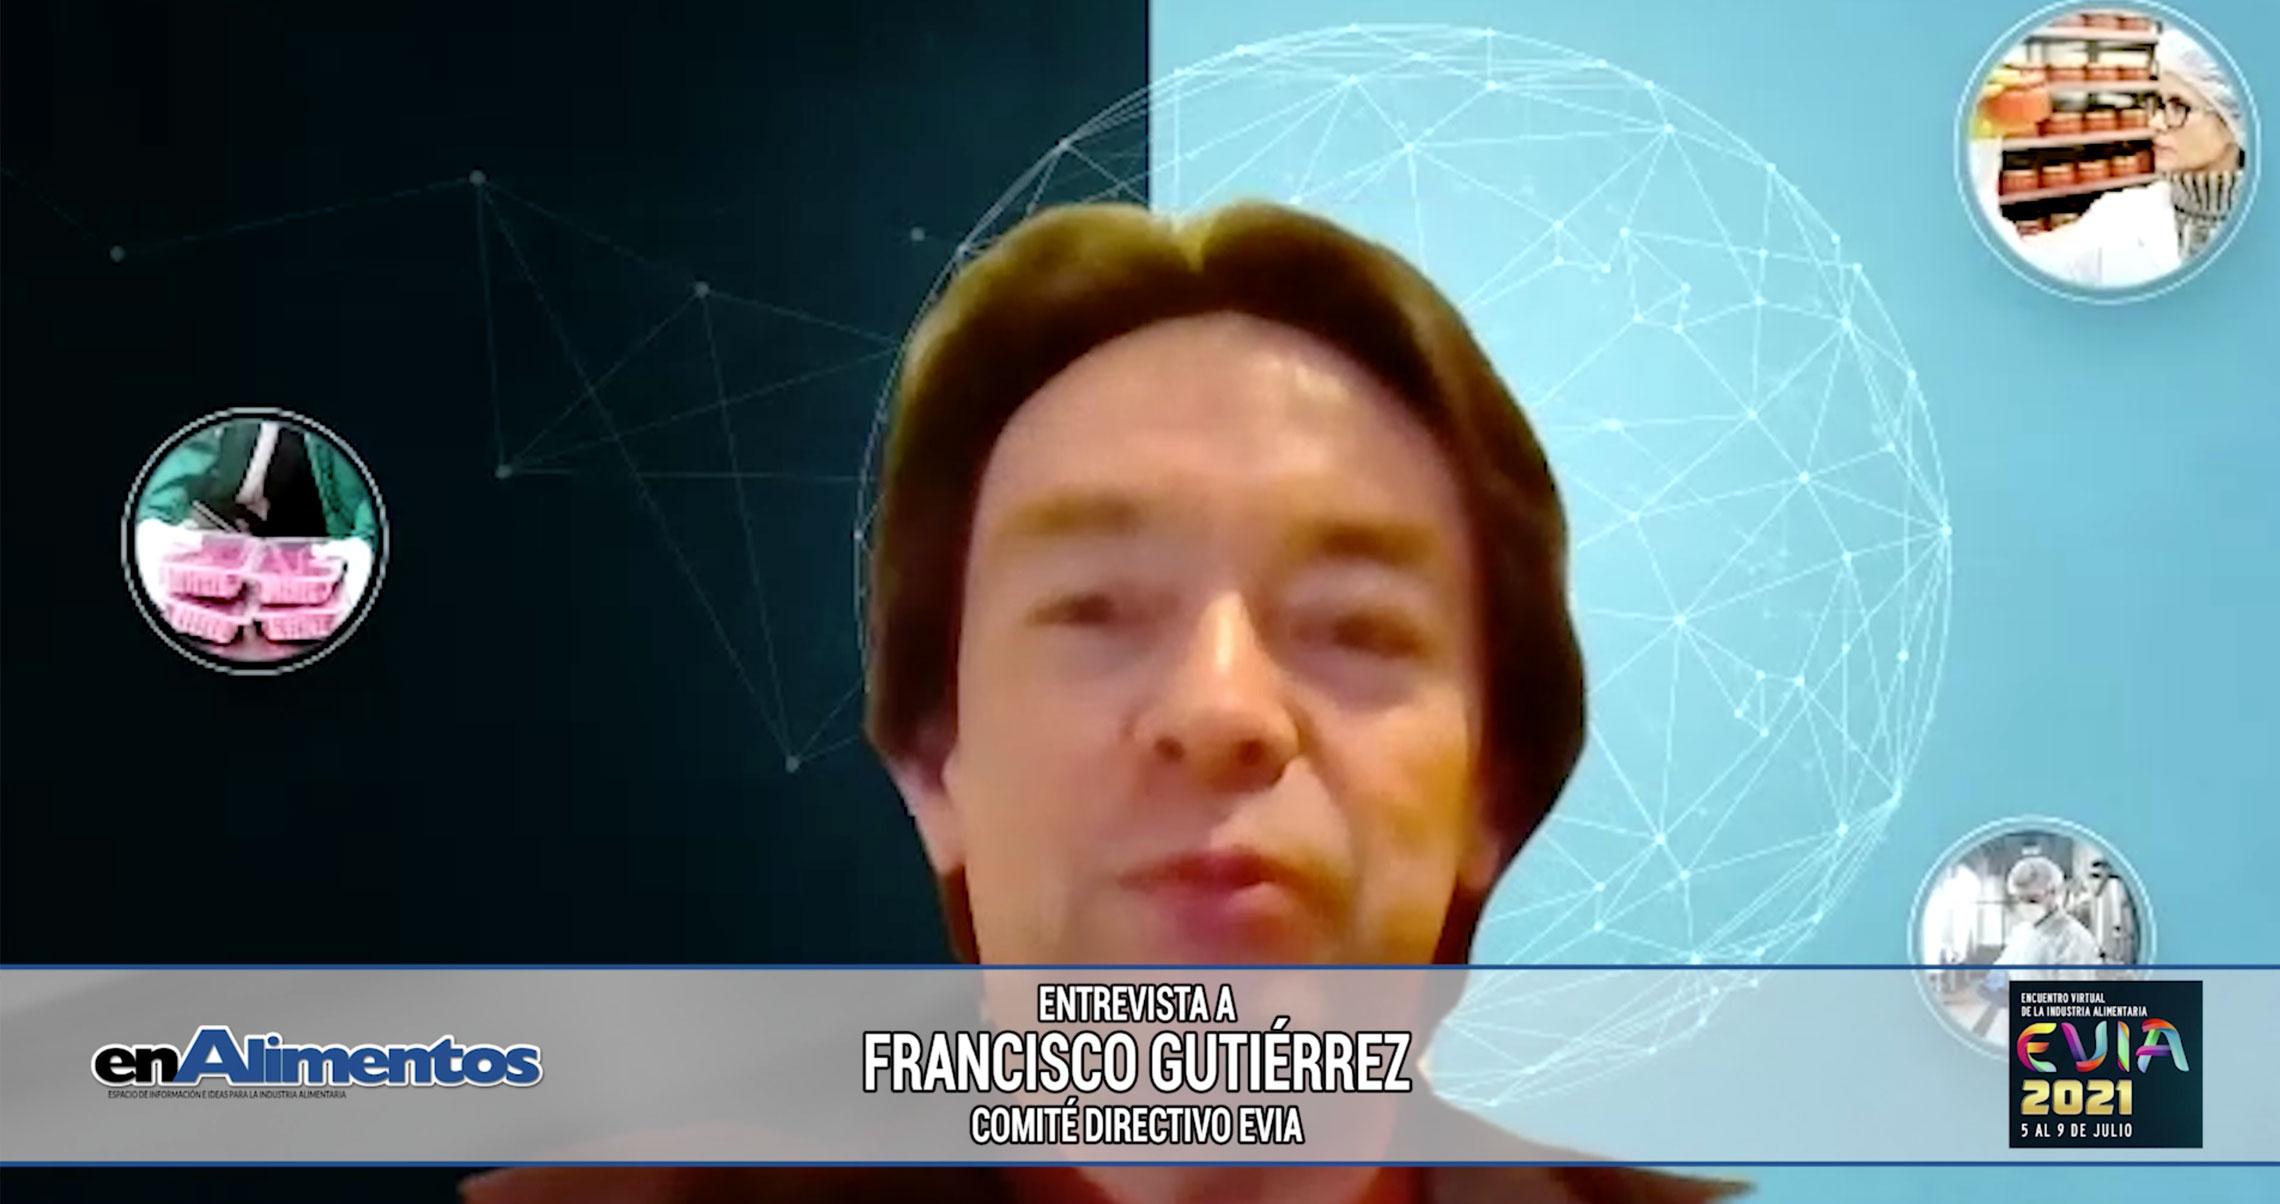 Entrevista a Francisco Gutiérrez - EVIA